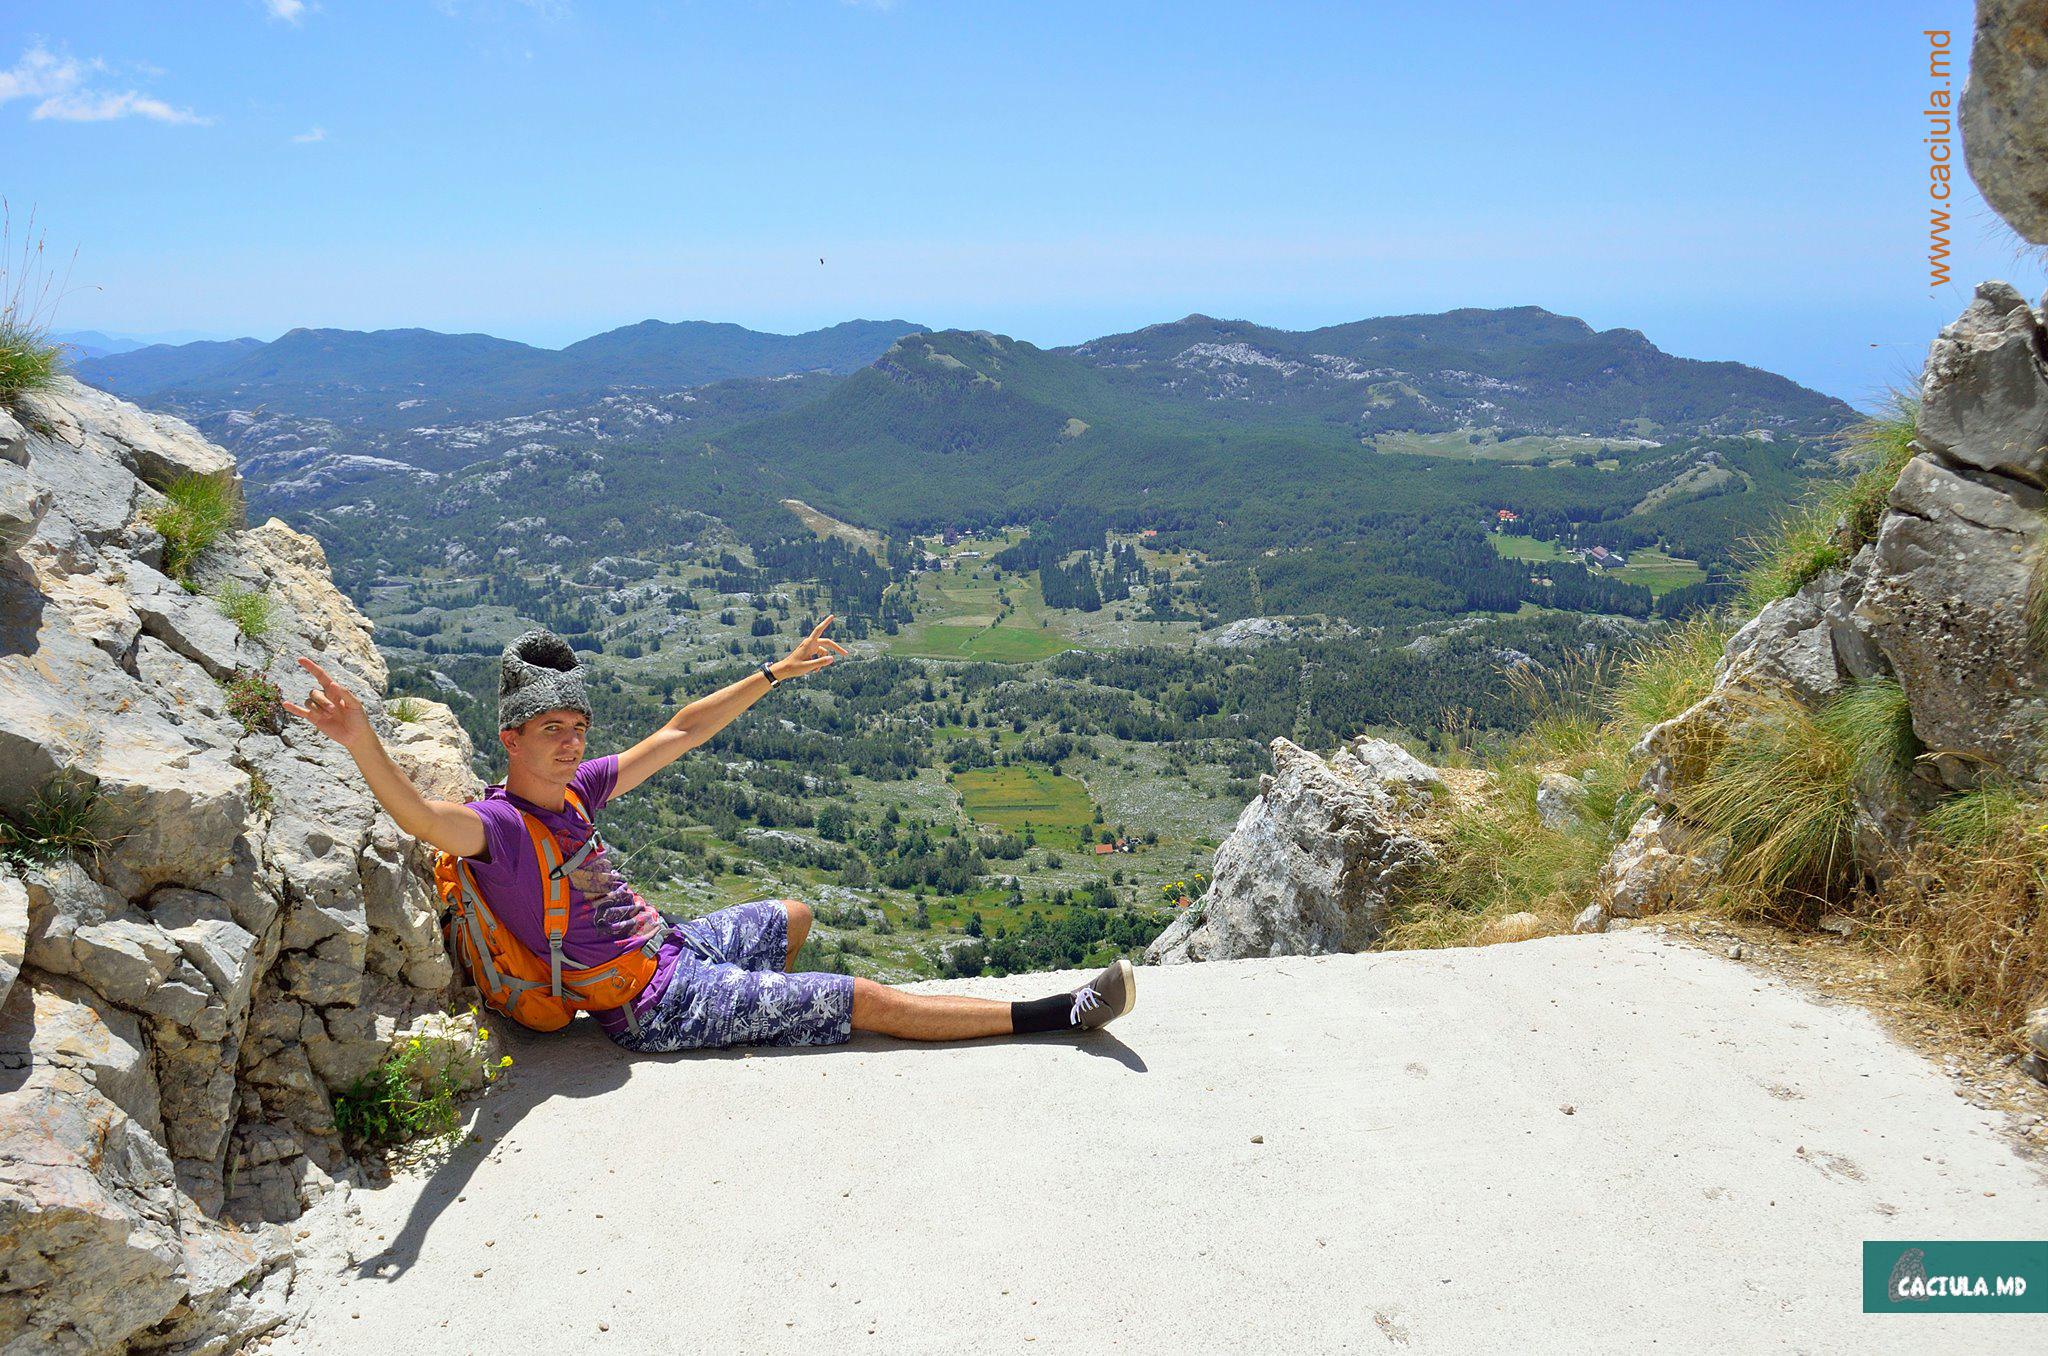 пейзажи Черногории и Хорватии, горы и леса